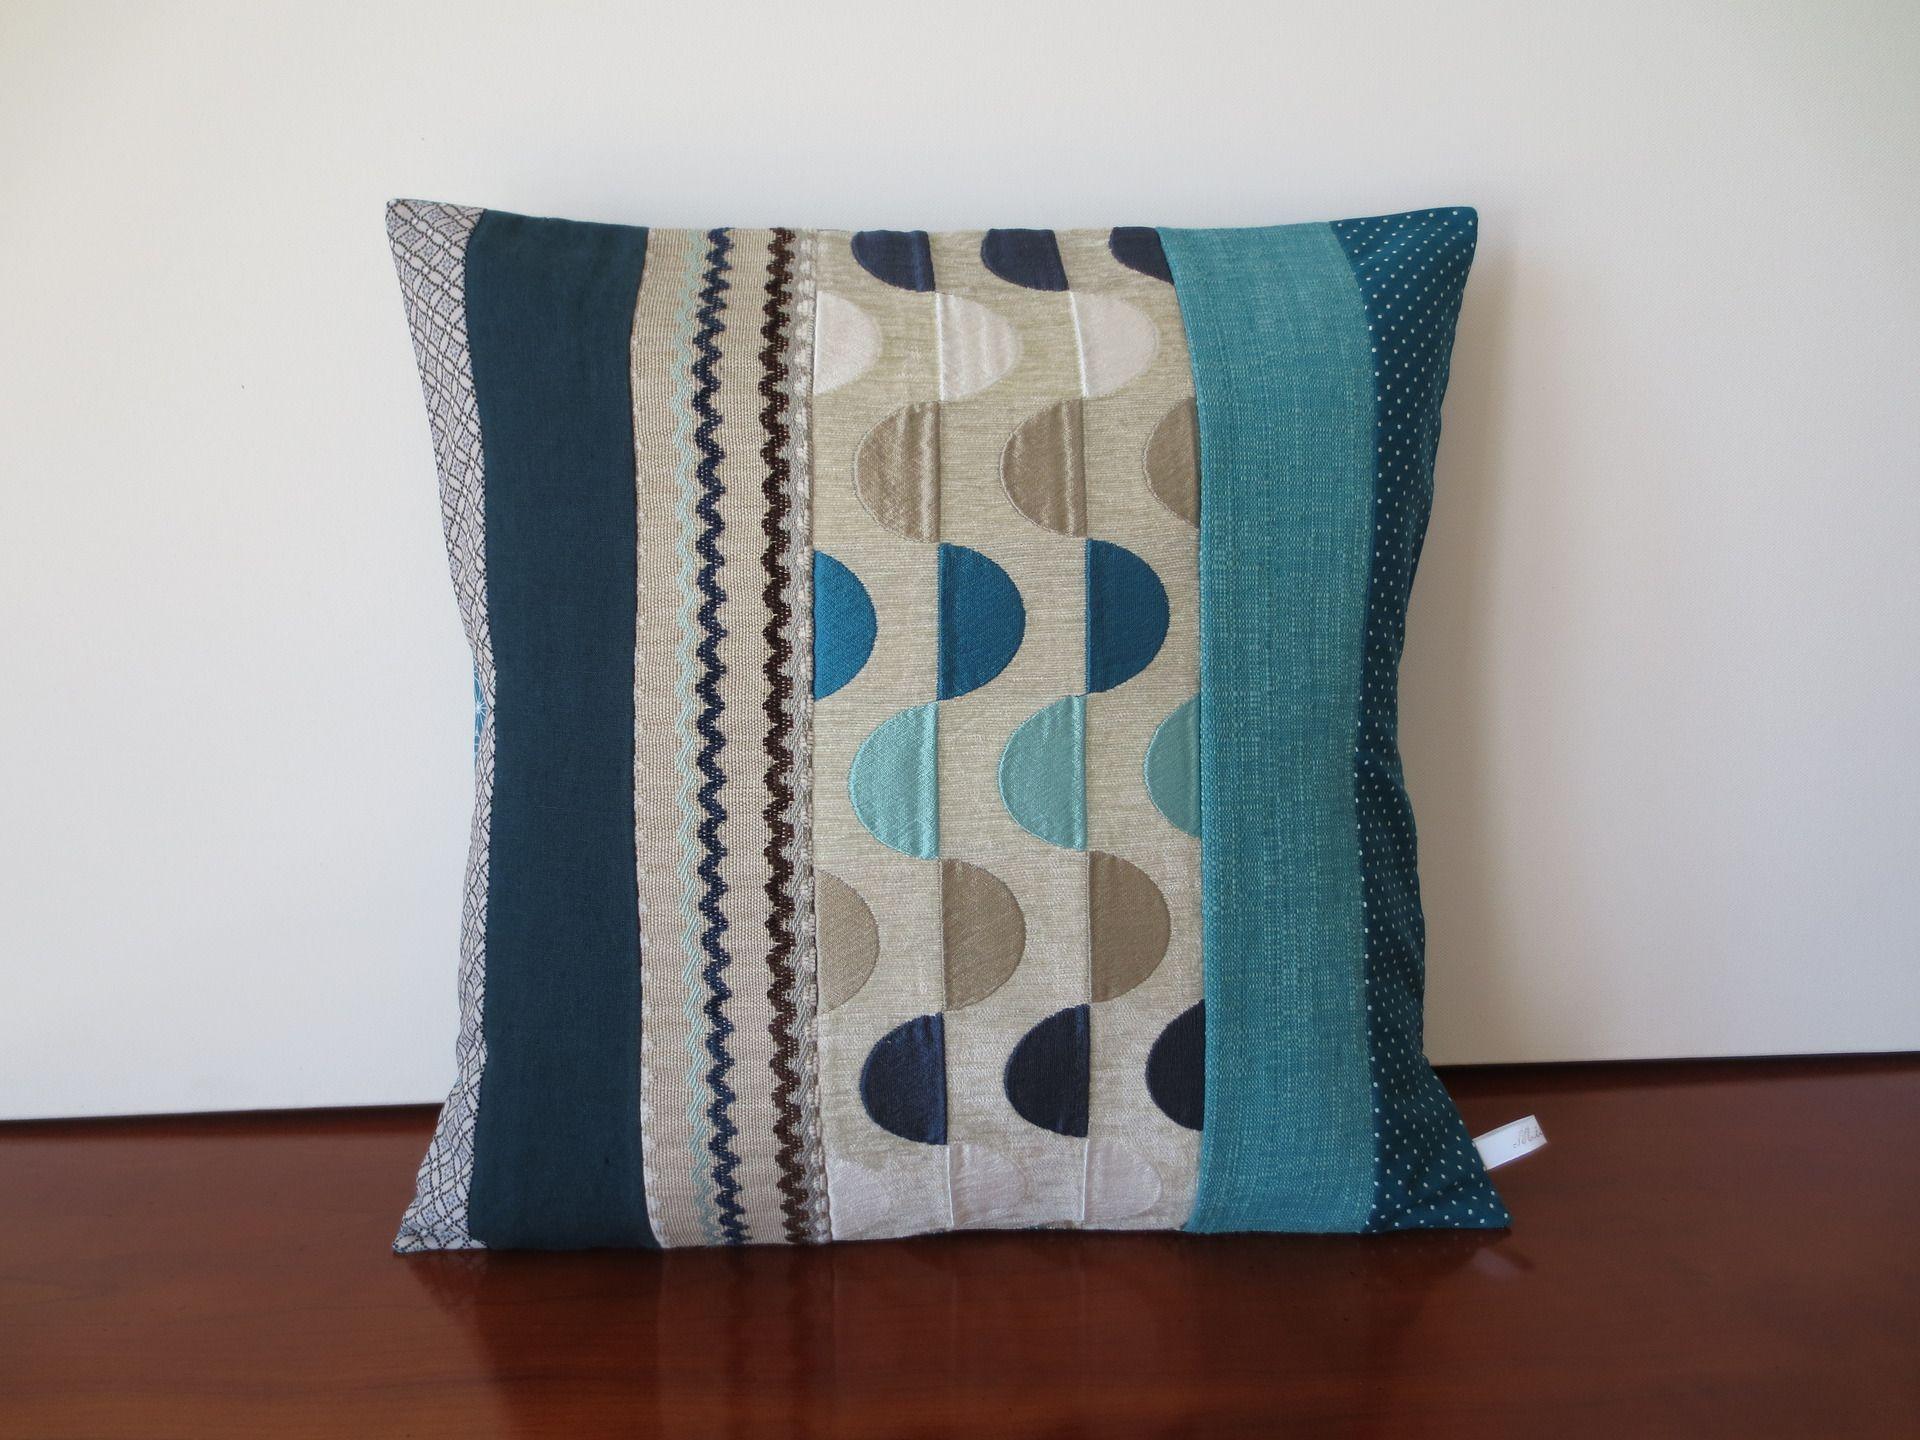 housse coussin lin coton et tissu d 39 ameublement bleu canard gris et turquoise textiles et. Black Bedroom Furniture Sets. Home Design Ideas